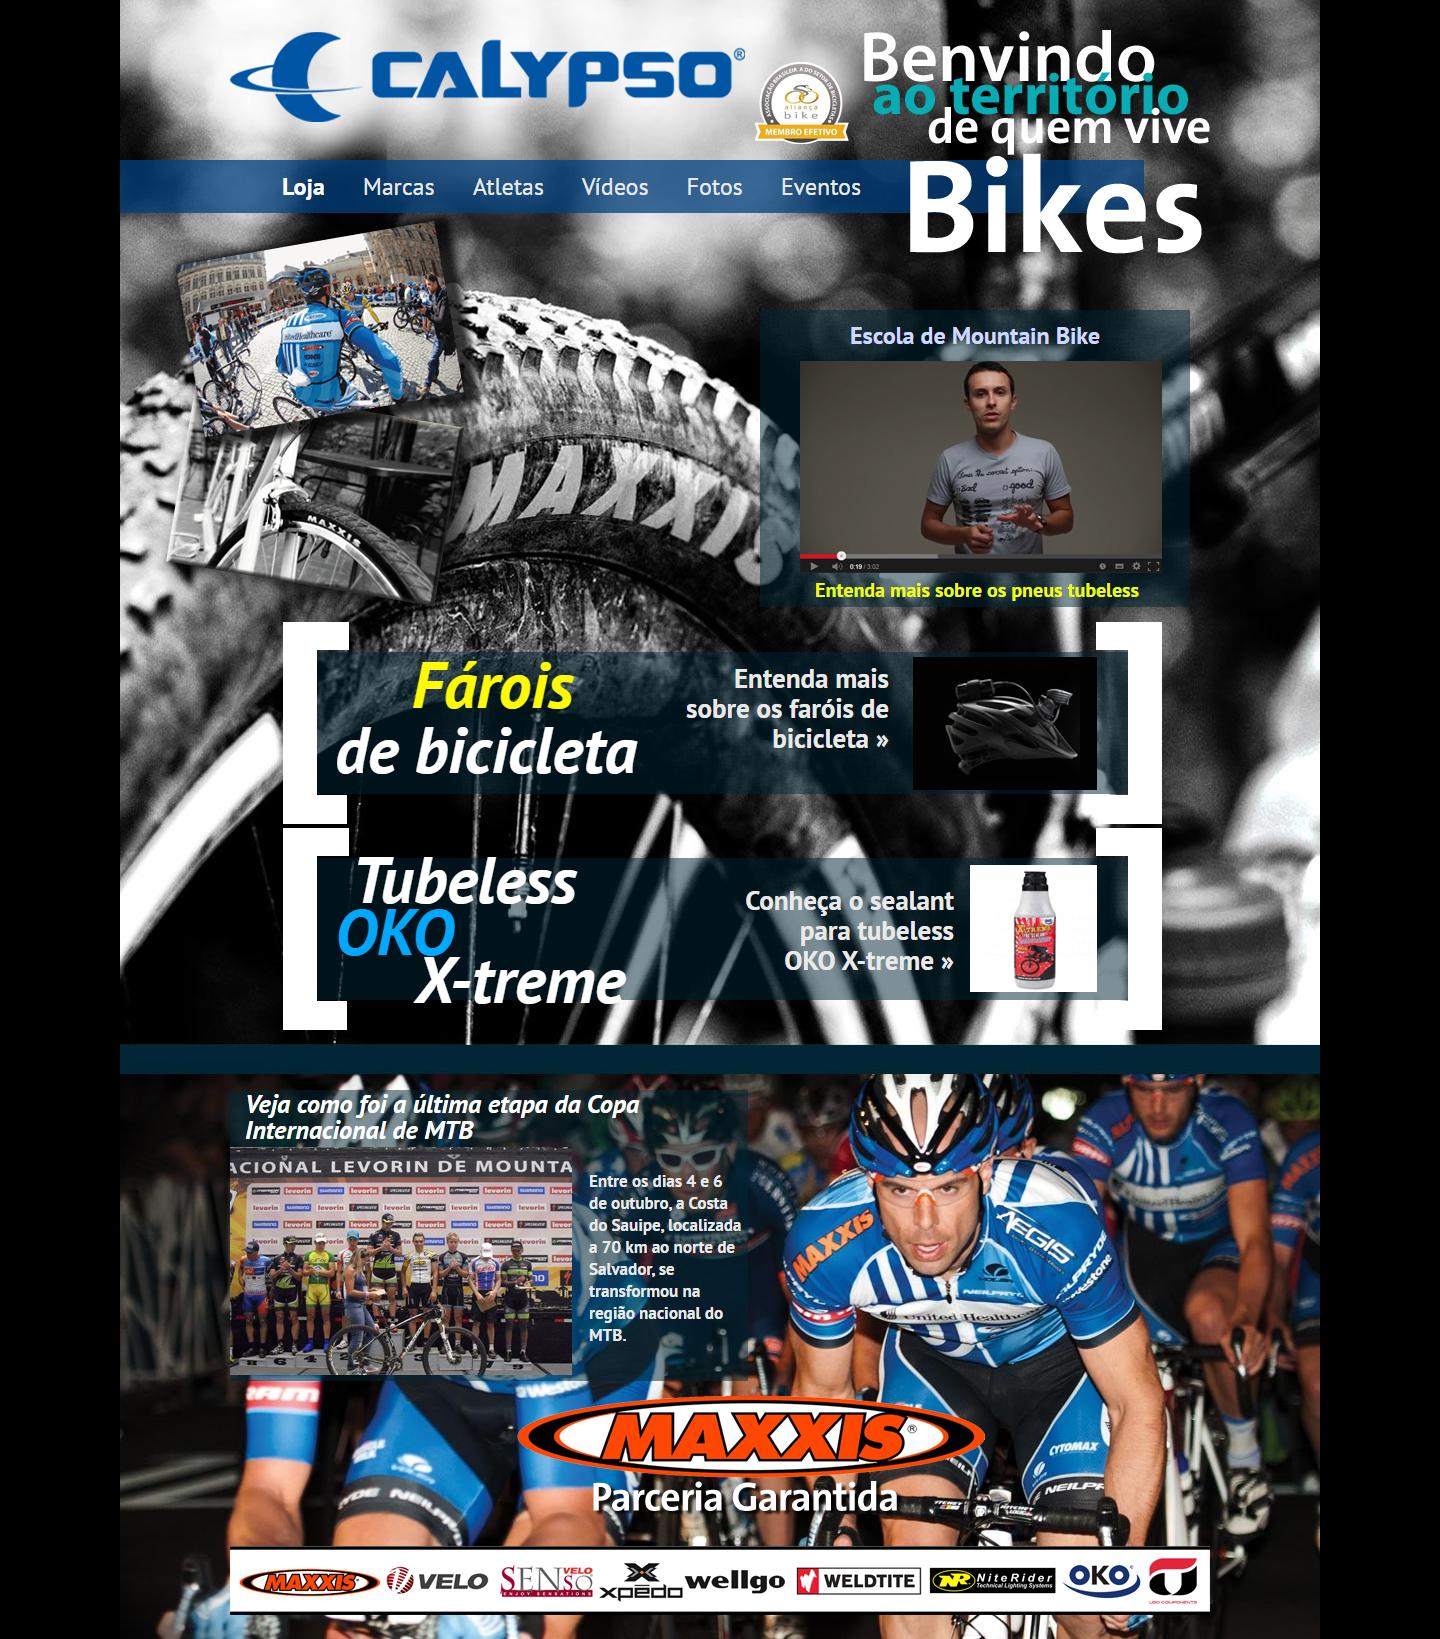 BABENKO agencia publicidade - Desenvolvimento Criação de Design de Sites Calypso Bikes